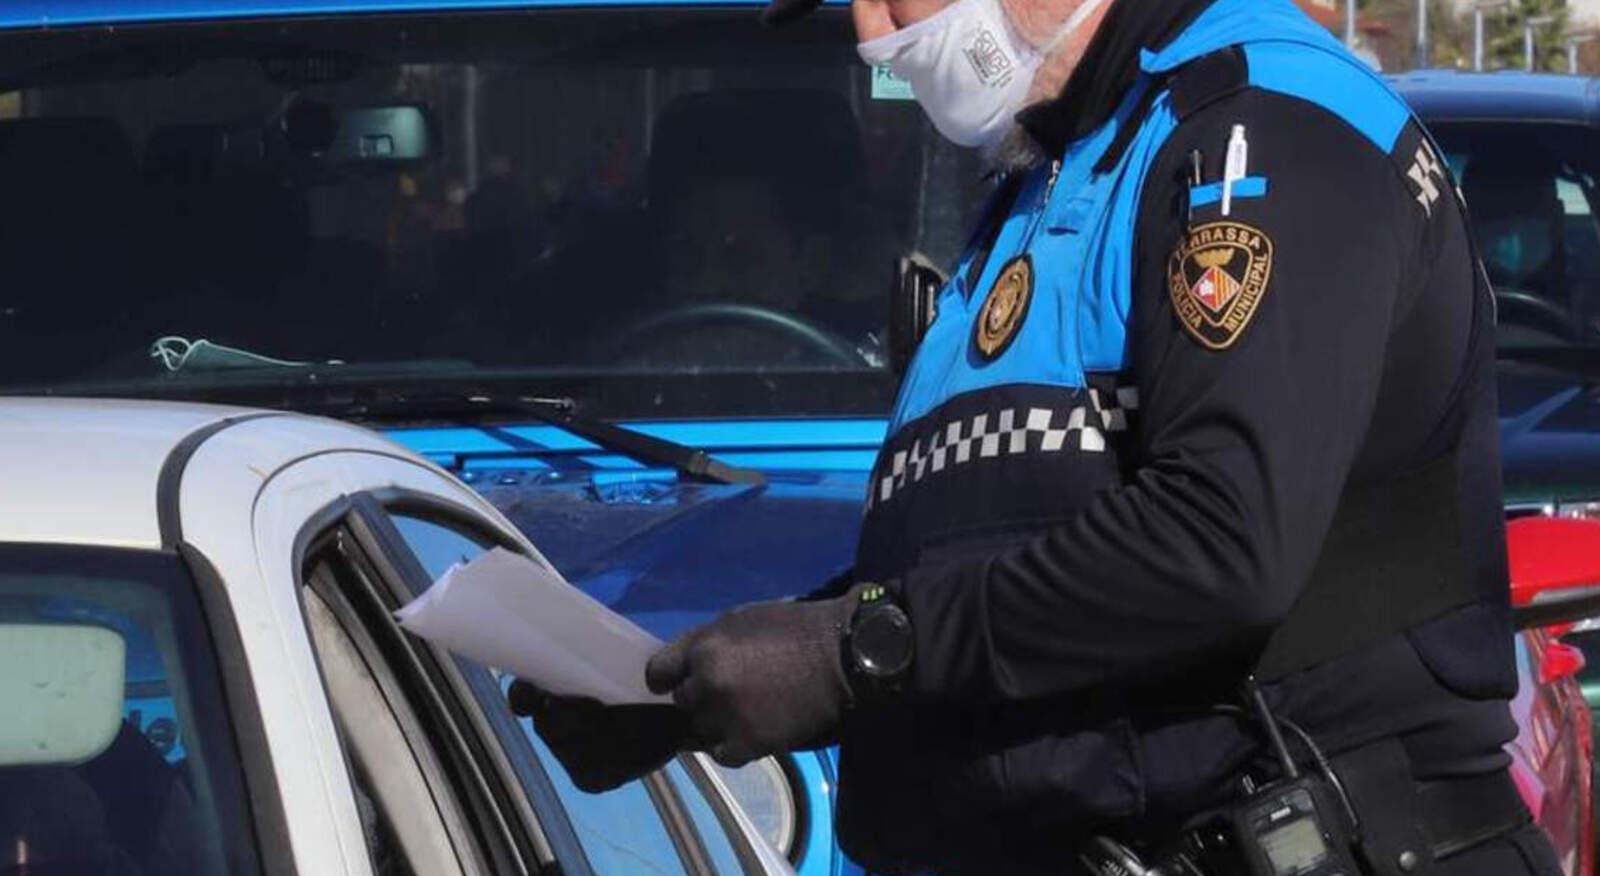 Controls policials a la Terrassa confinada del cap de setmana